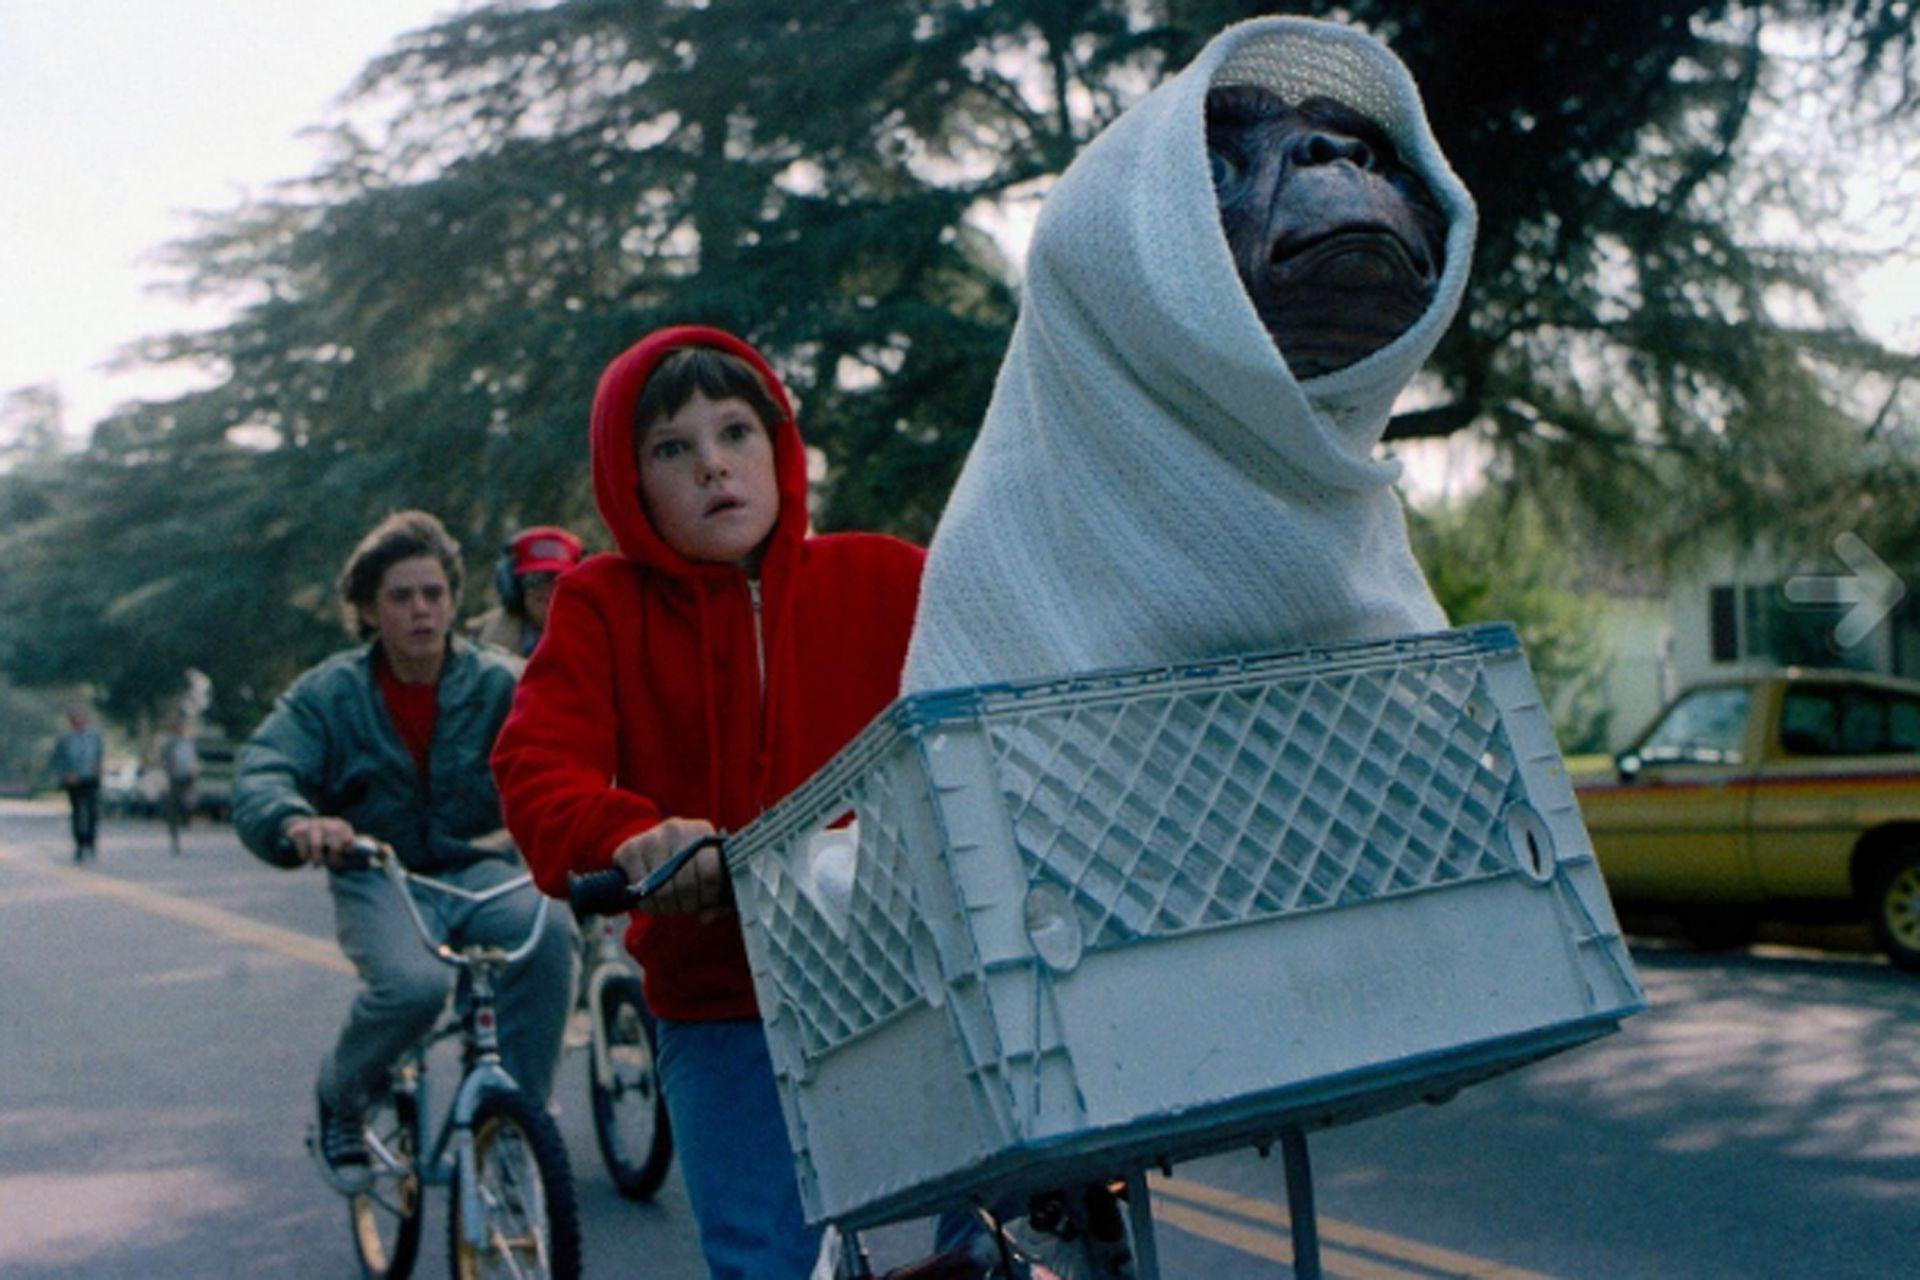 La fisonomía de E.T. era algo que preocupaba al director